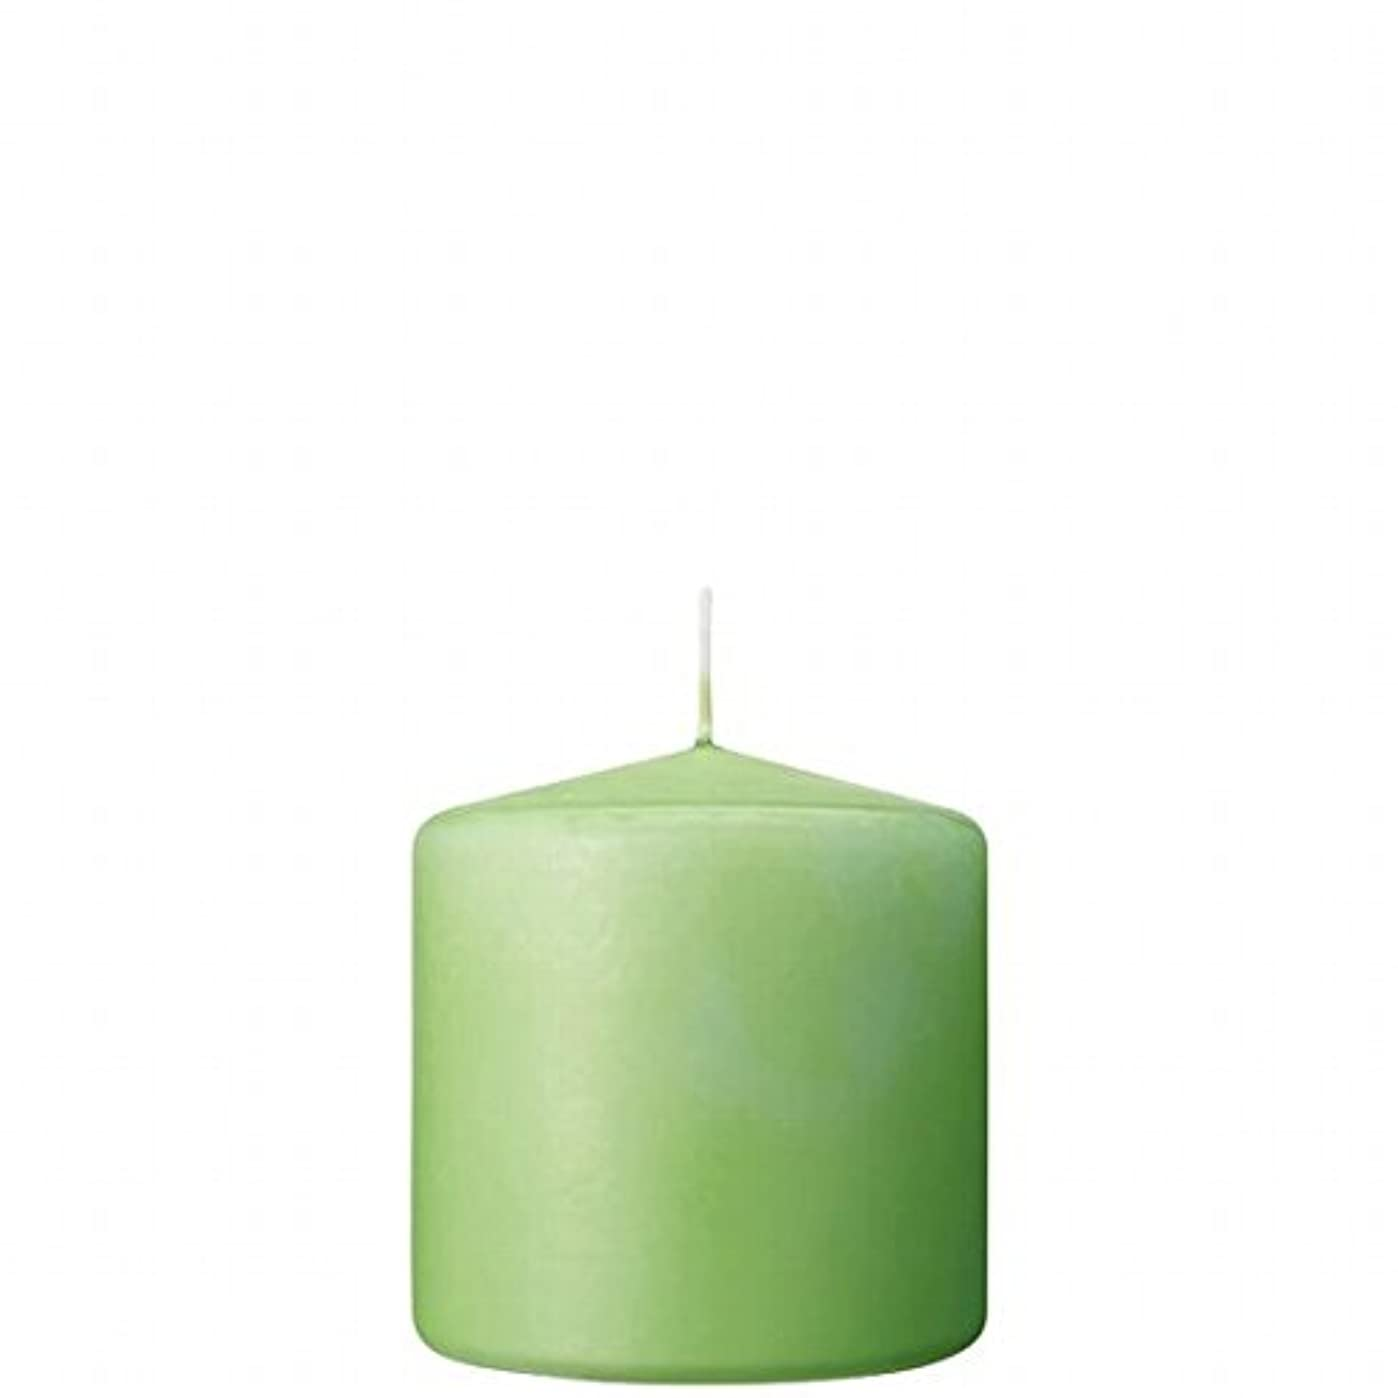 ビジターベルトテキストカメヤマキャンドル(kameyama candle) 3×3ベルトップピラーキャンドル 「 ライム 」